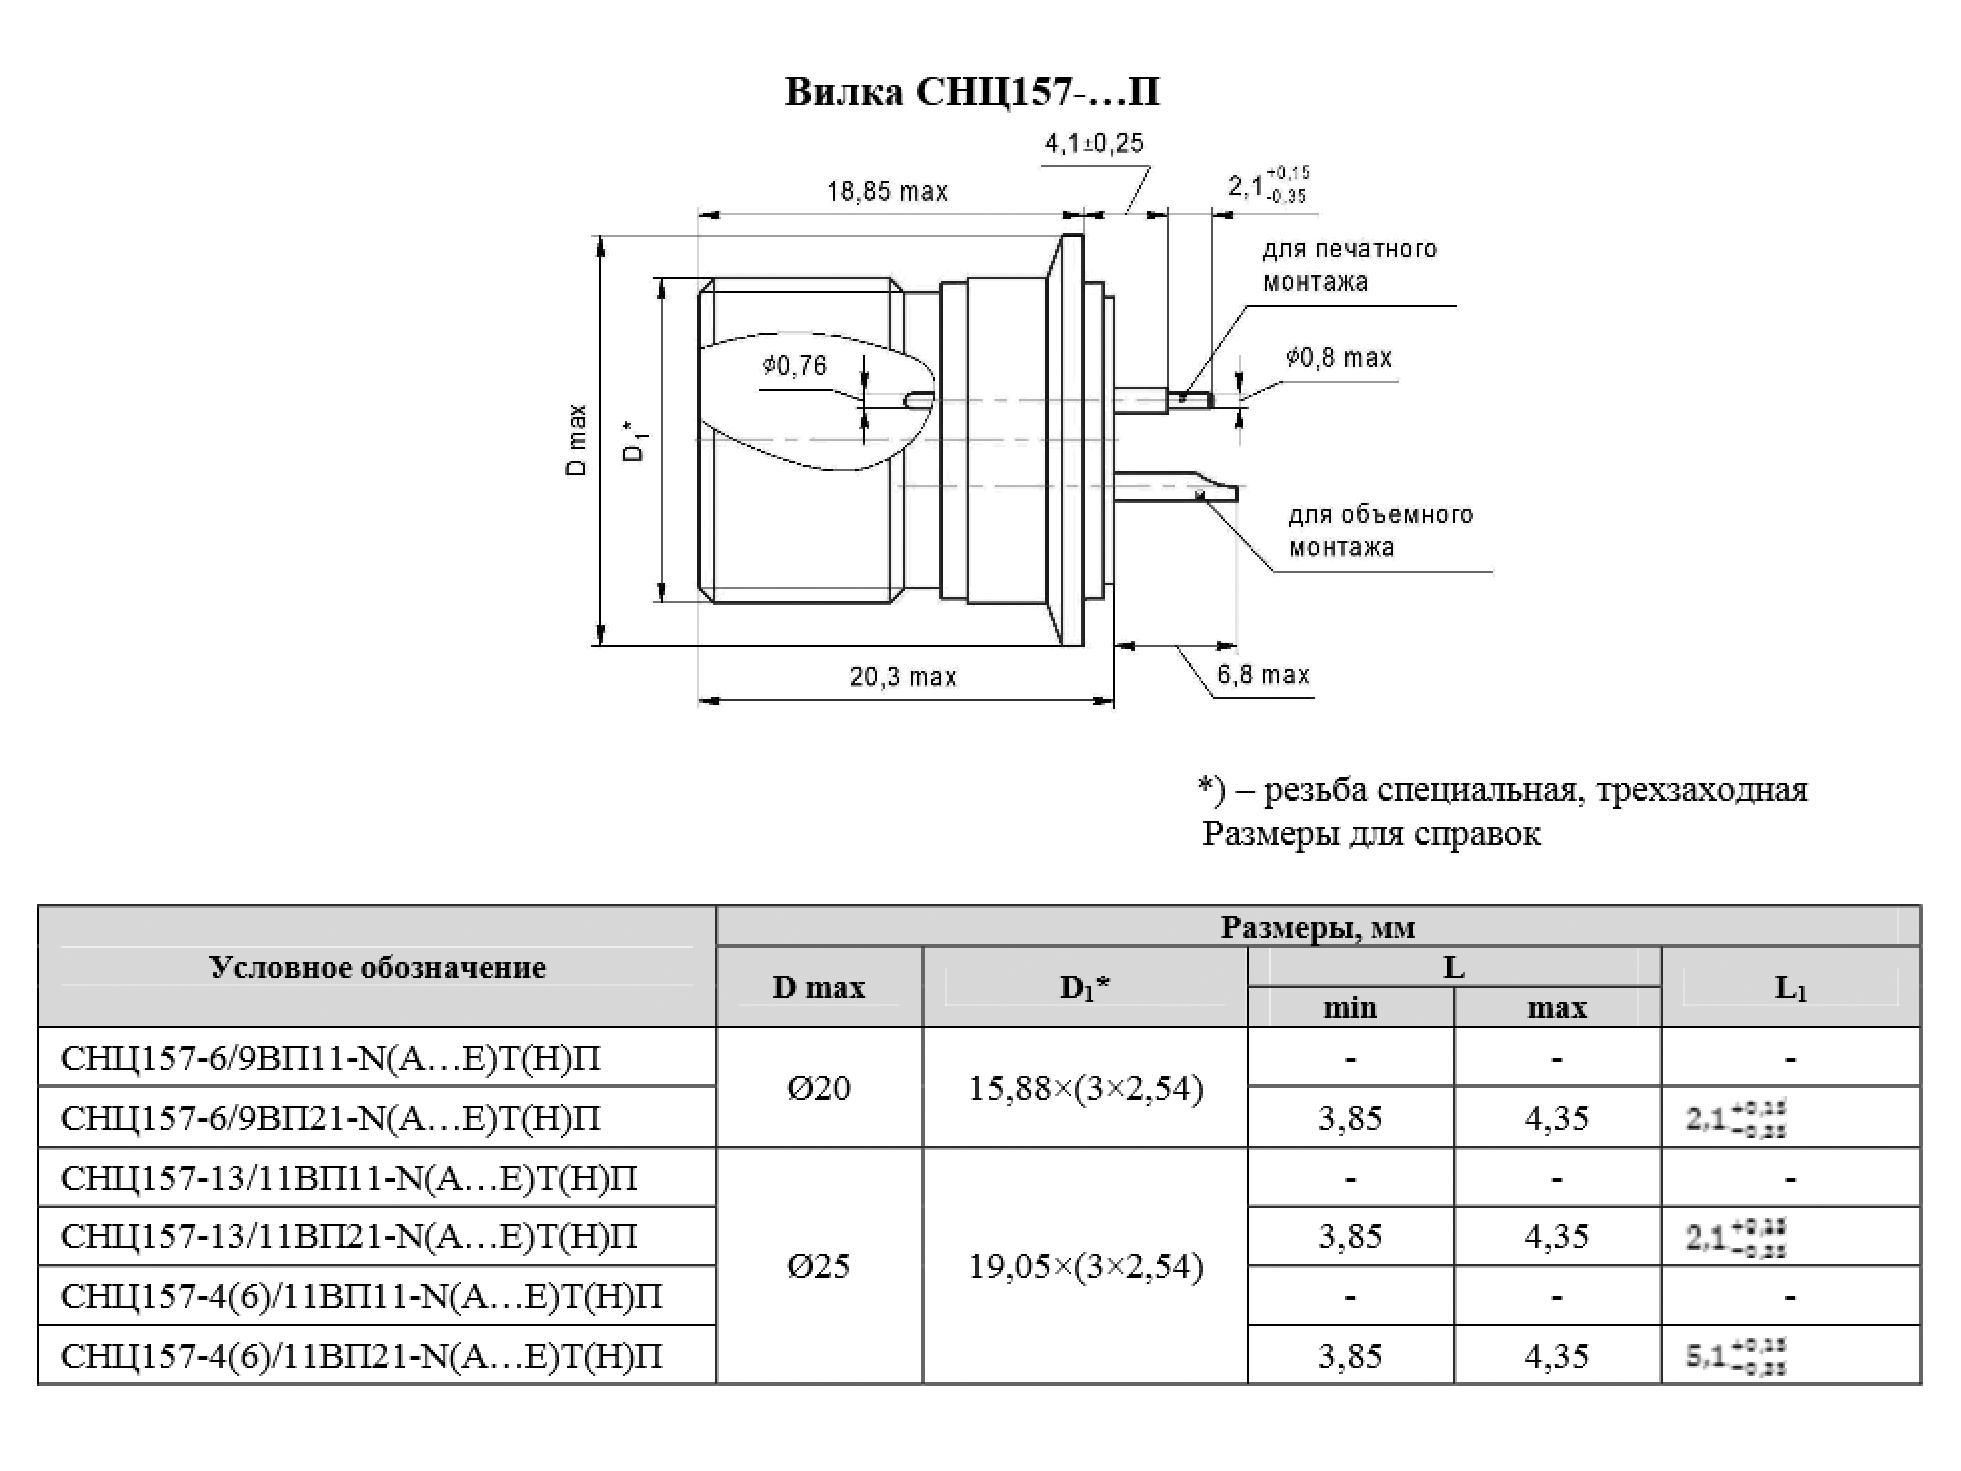 тепловой счетчик тэм 104 схема электрических соединений